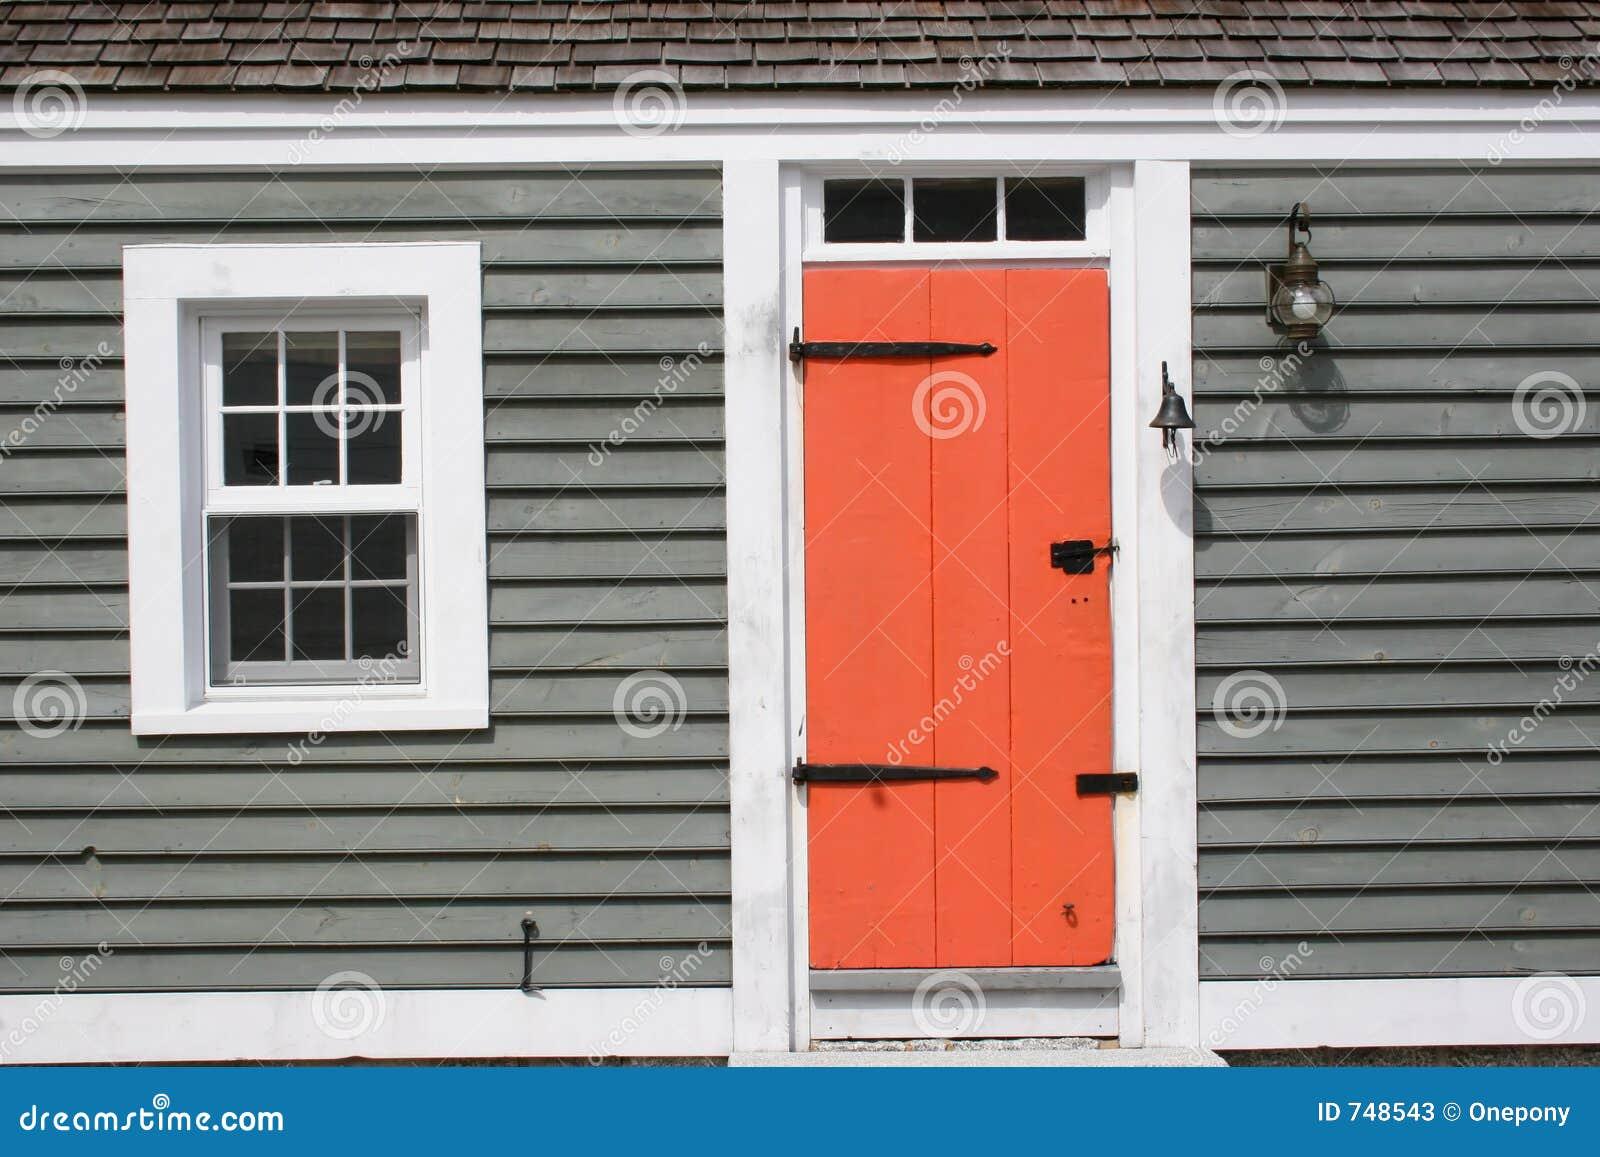 shaker design houses – house design ideas